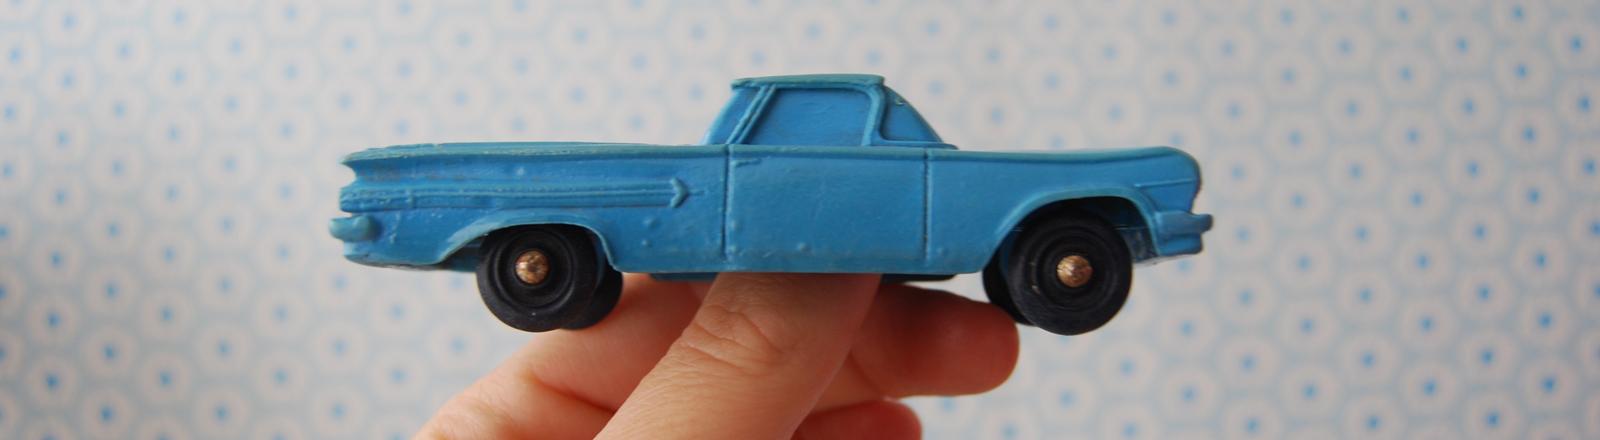 Eine Frau oder Mann hält ein Spielzeugauto in den Händen.